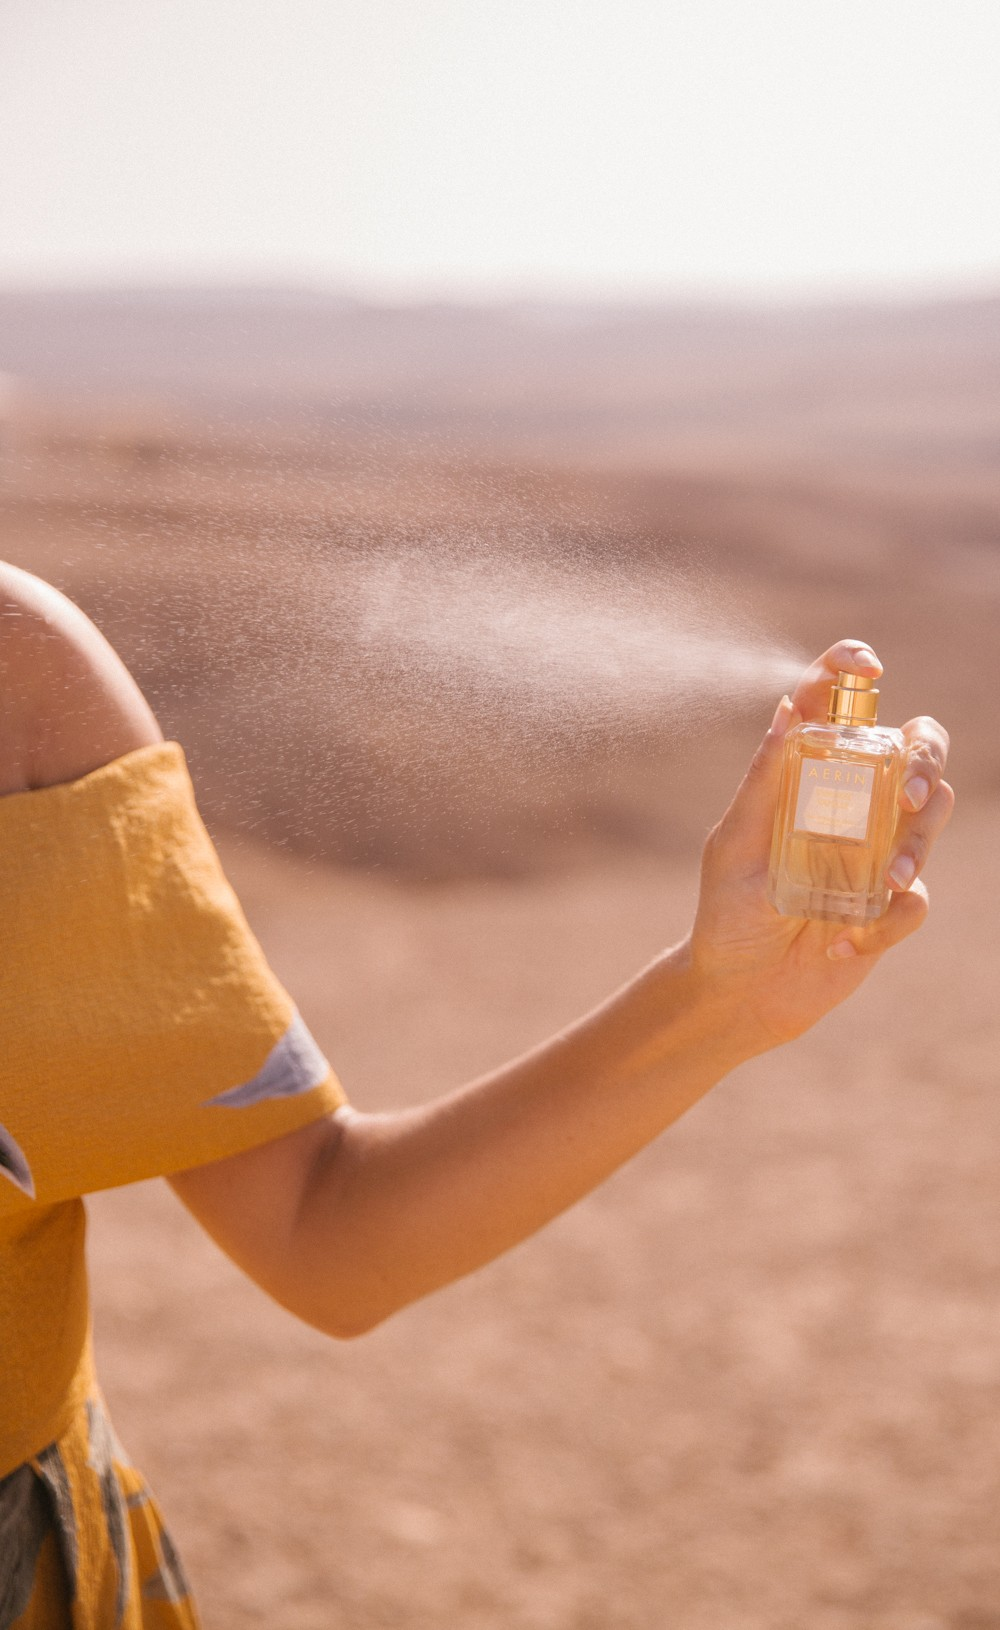 Aerin perfume